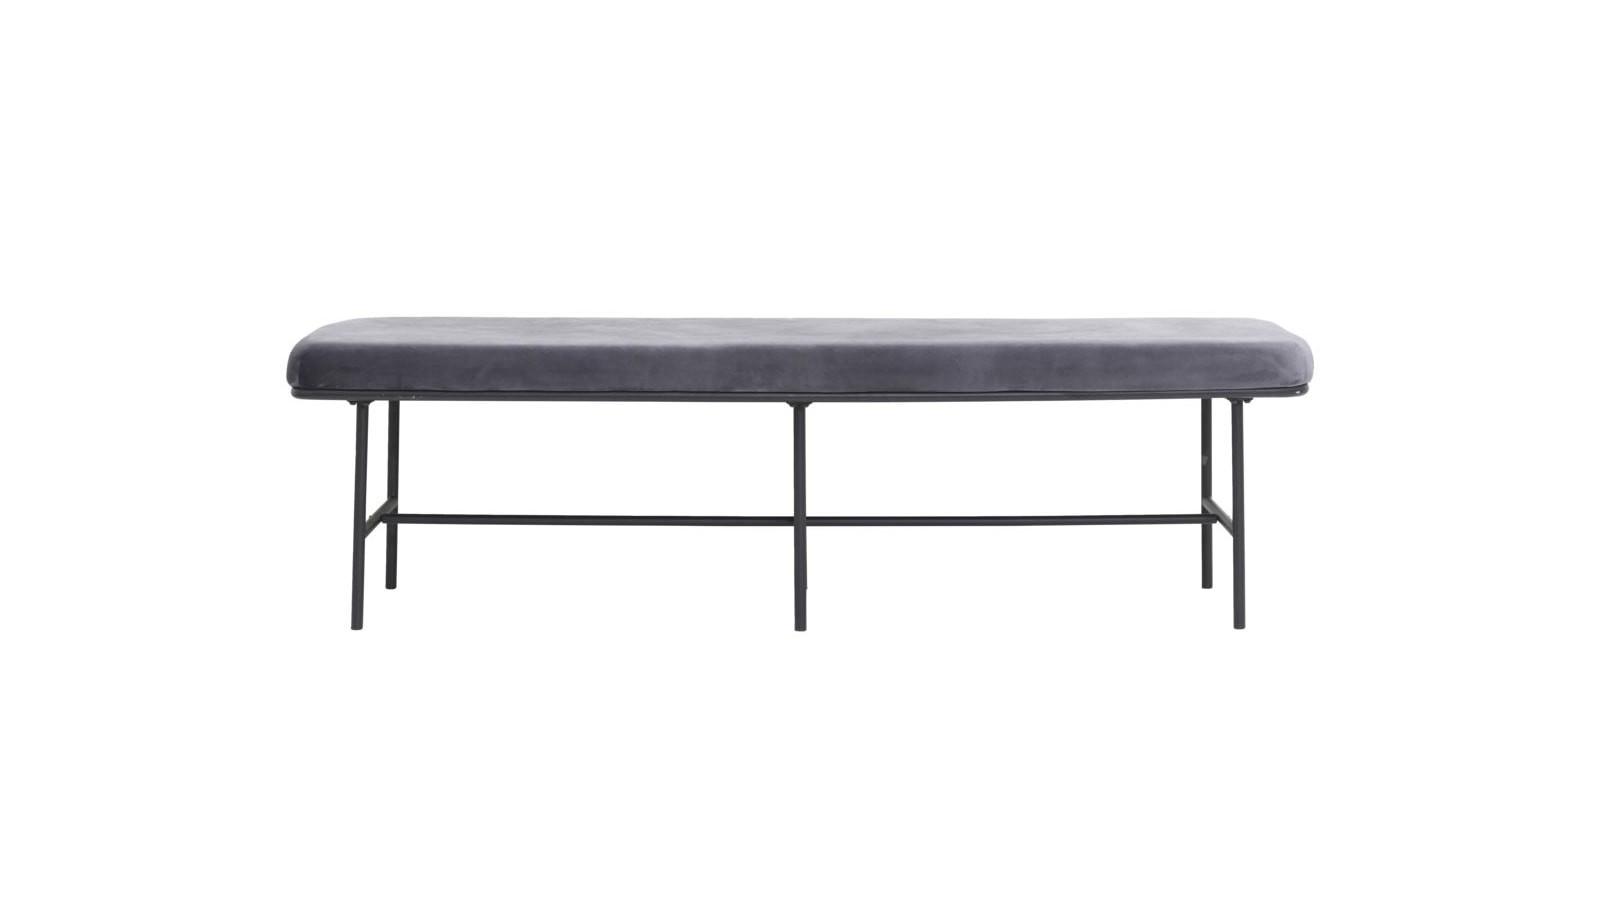 banc gris avec pieds en métal noir